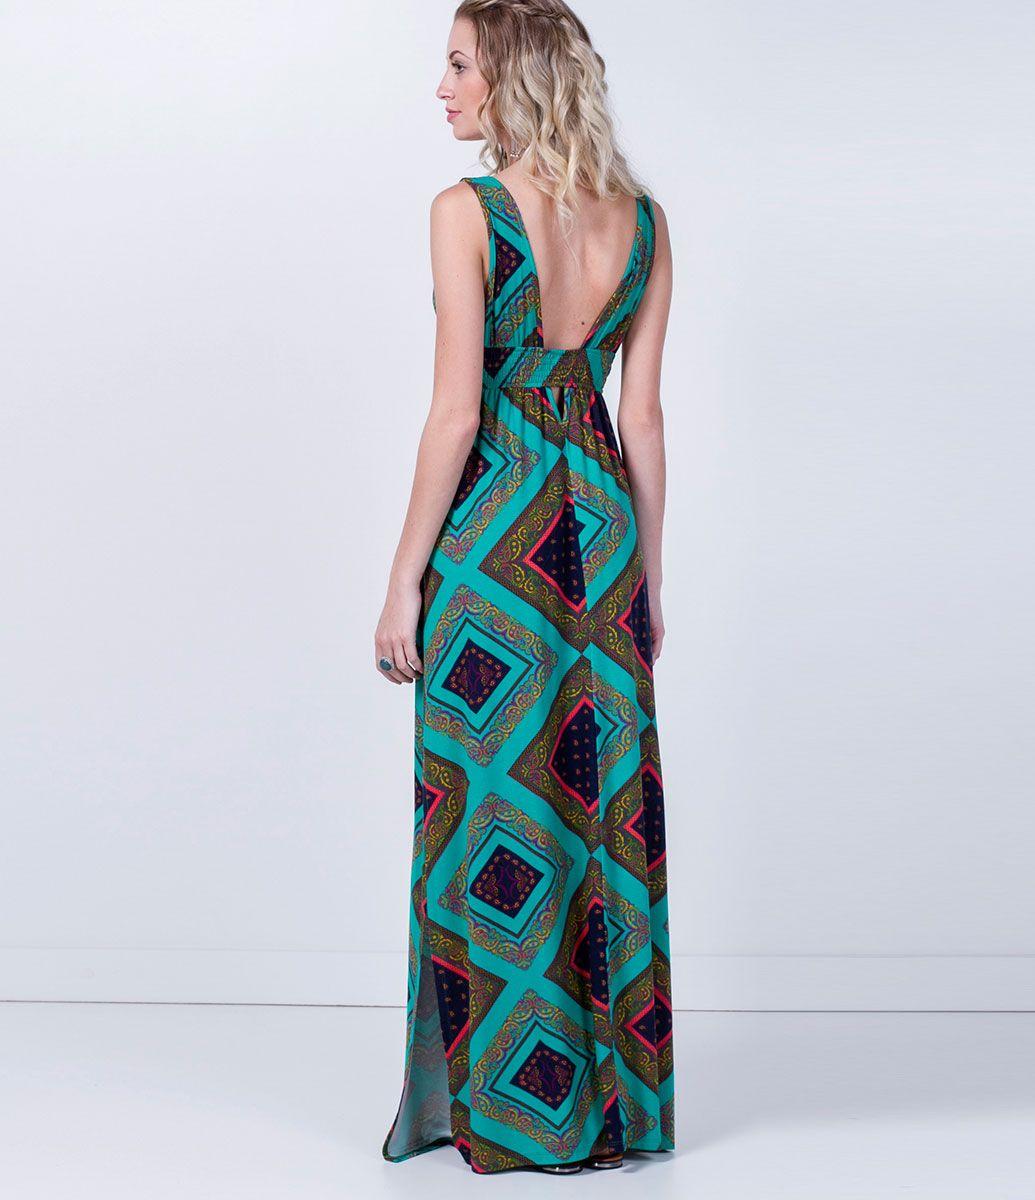 cabdf6909 Vestido feminino Modelo longo Sem manga Fenda lateral Estampado Marca: Blue  Steel Tecido: malha Composição: 96% viscose e 4% elastano Modelo veste  tamanho: ...